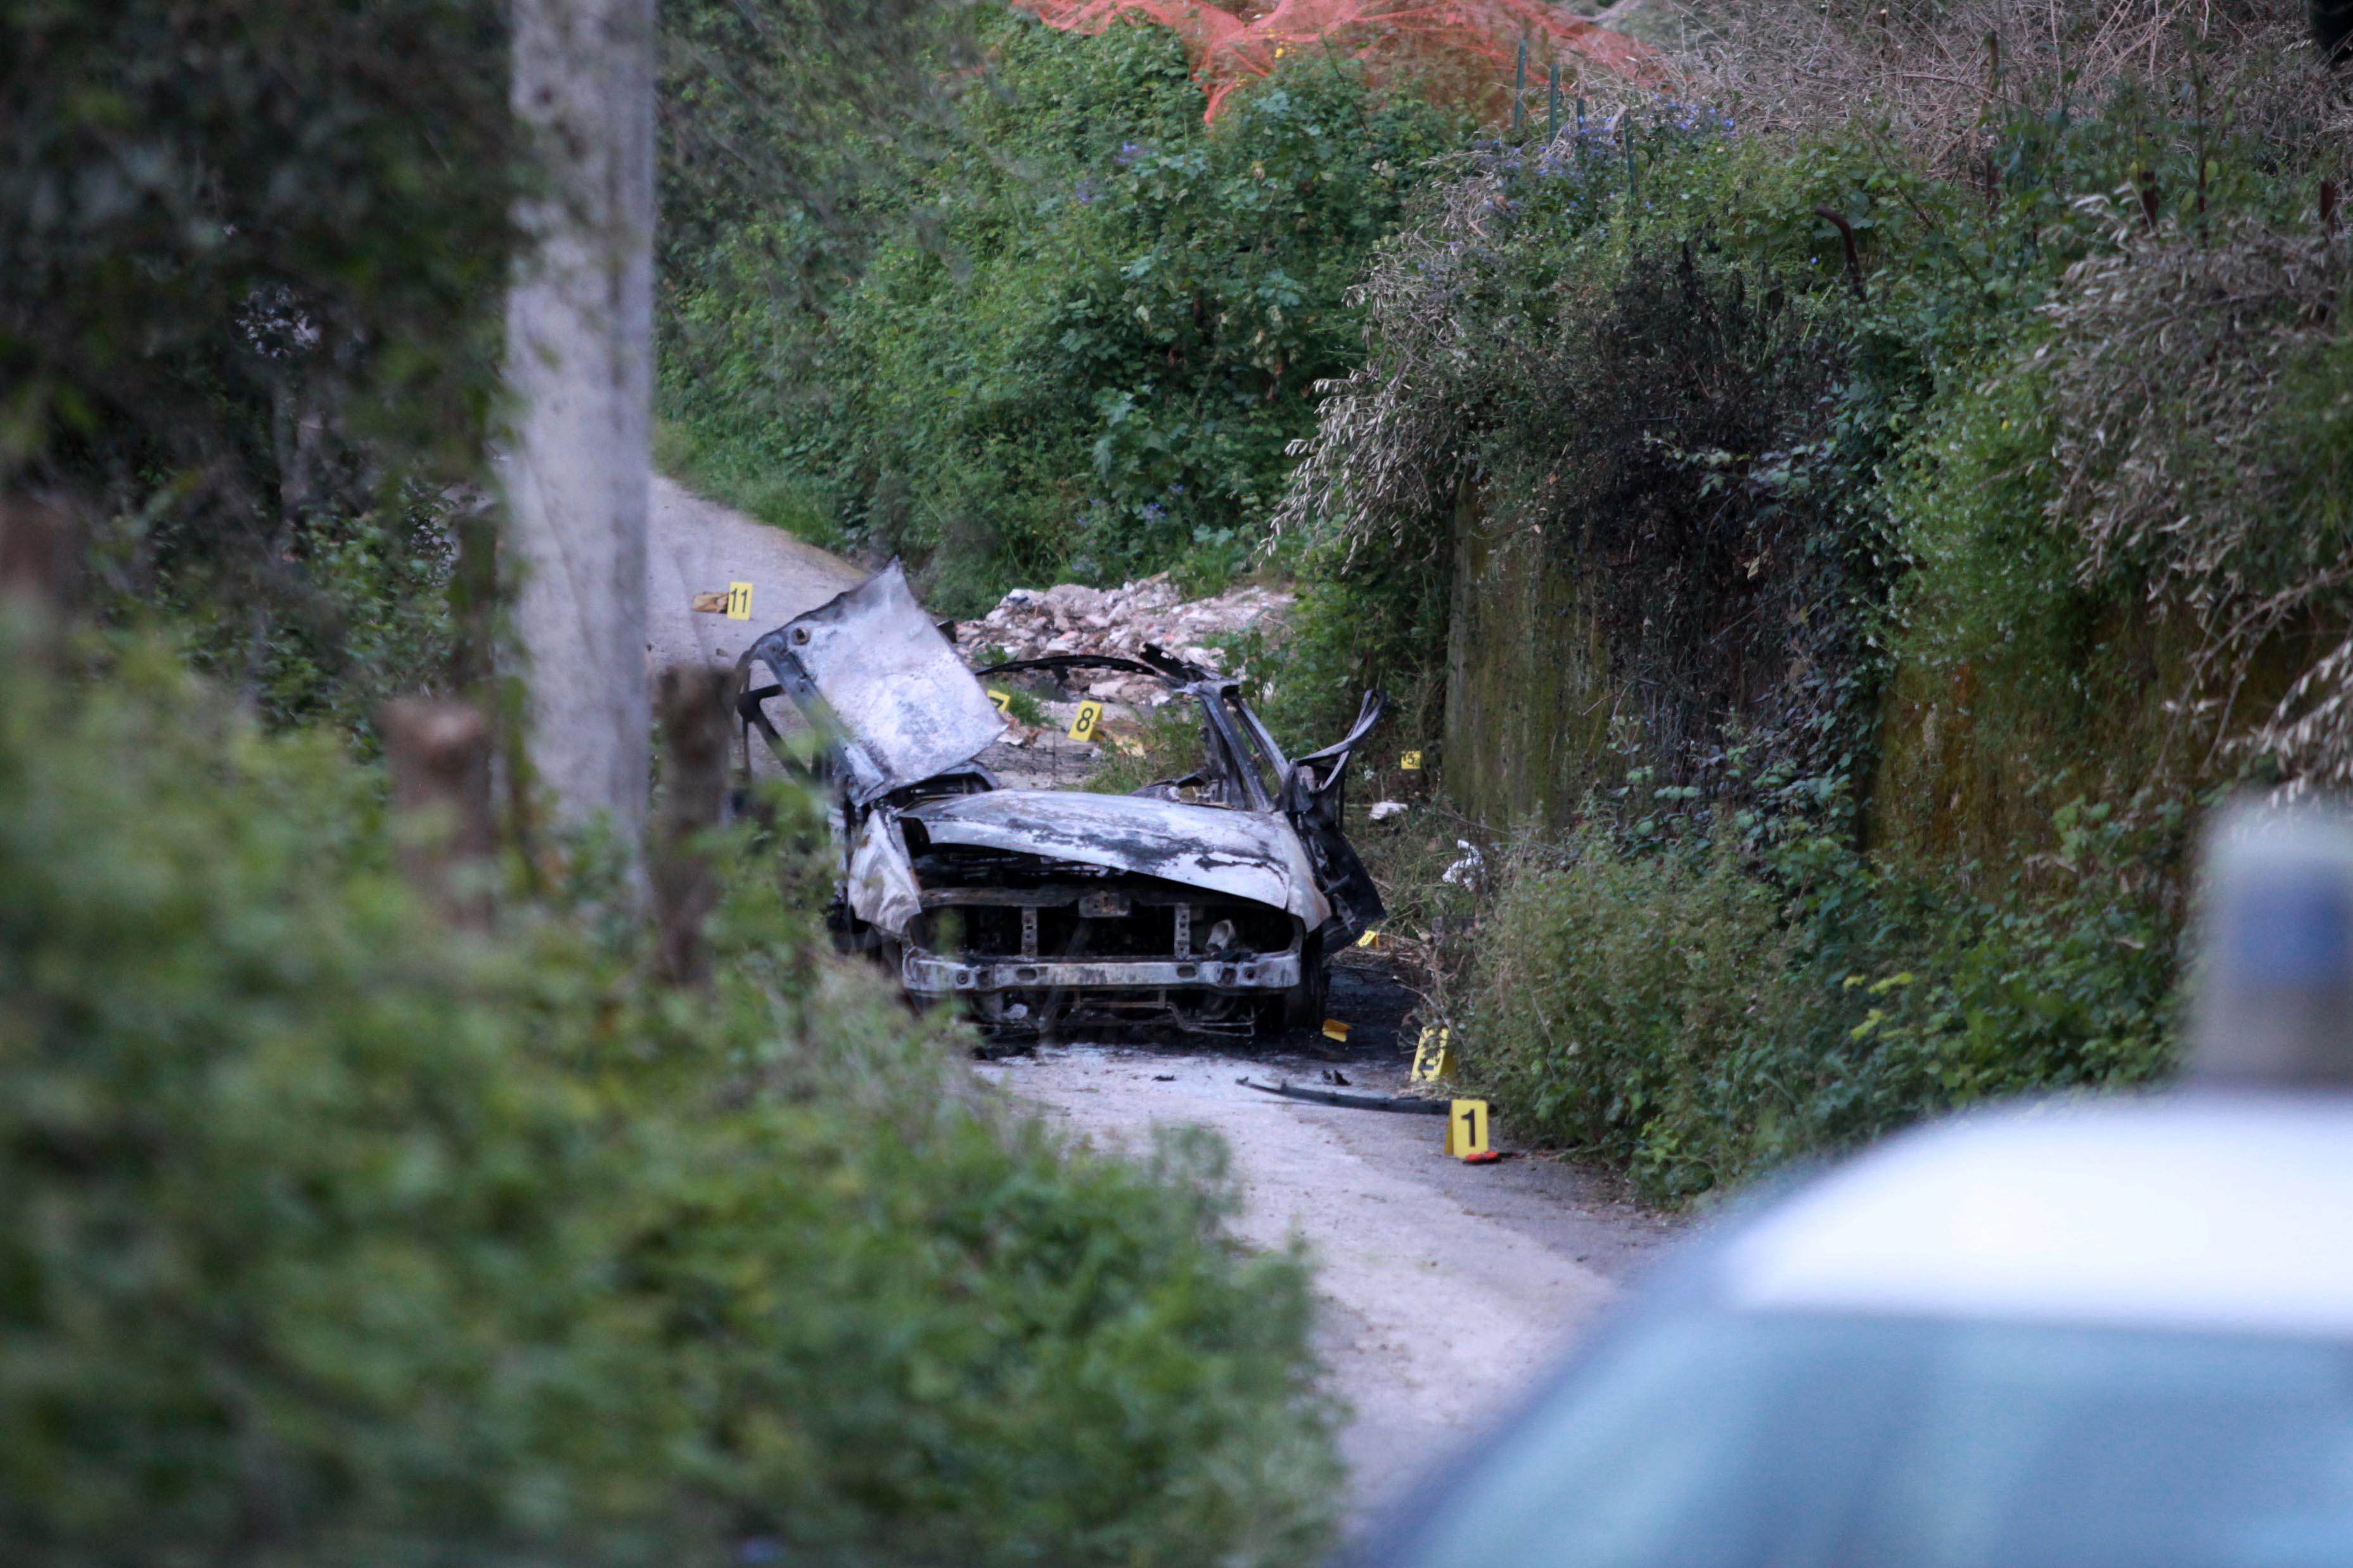 Attentato shock nel Vibonese, arrestato un uomo  È il vicino della vittima, collegato al clan Mancuso